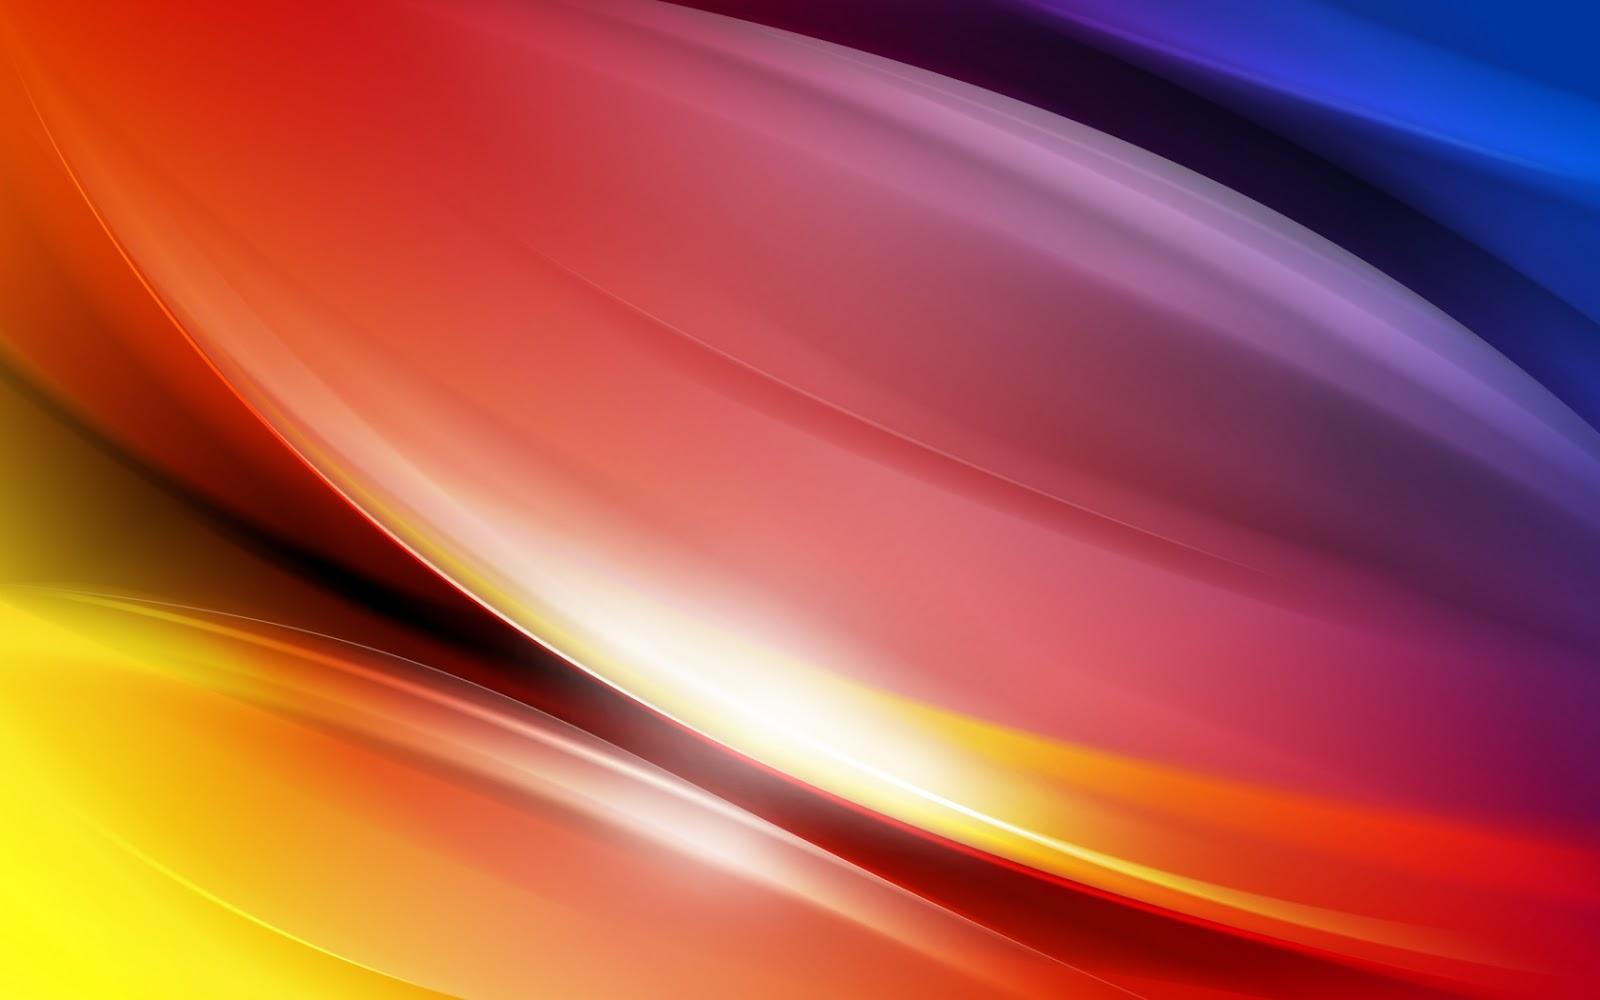 http://2.bp.blogspot.com/-TzMqTUAkkP4/UPcyeoatKFI/AAAAAAAAD0c/s2faIbyJW7A/s1600/eye_candy-1680x1050.jpg